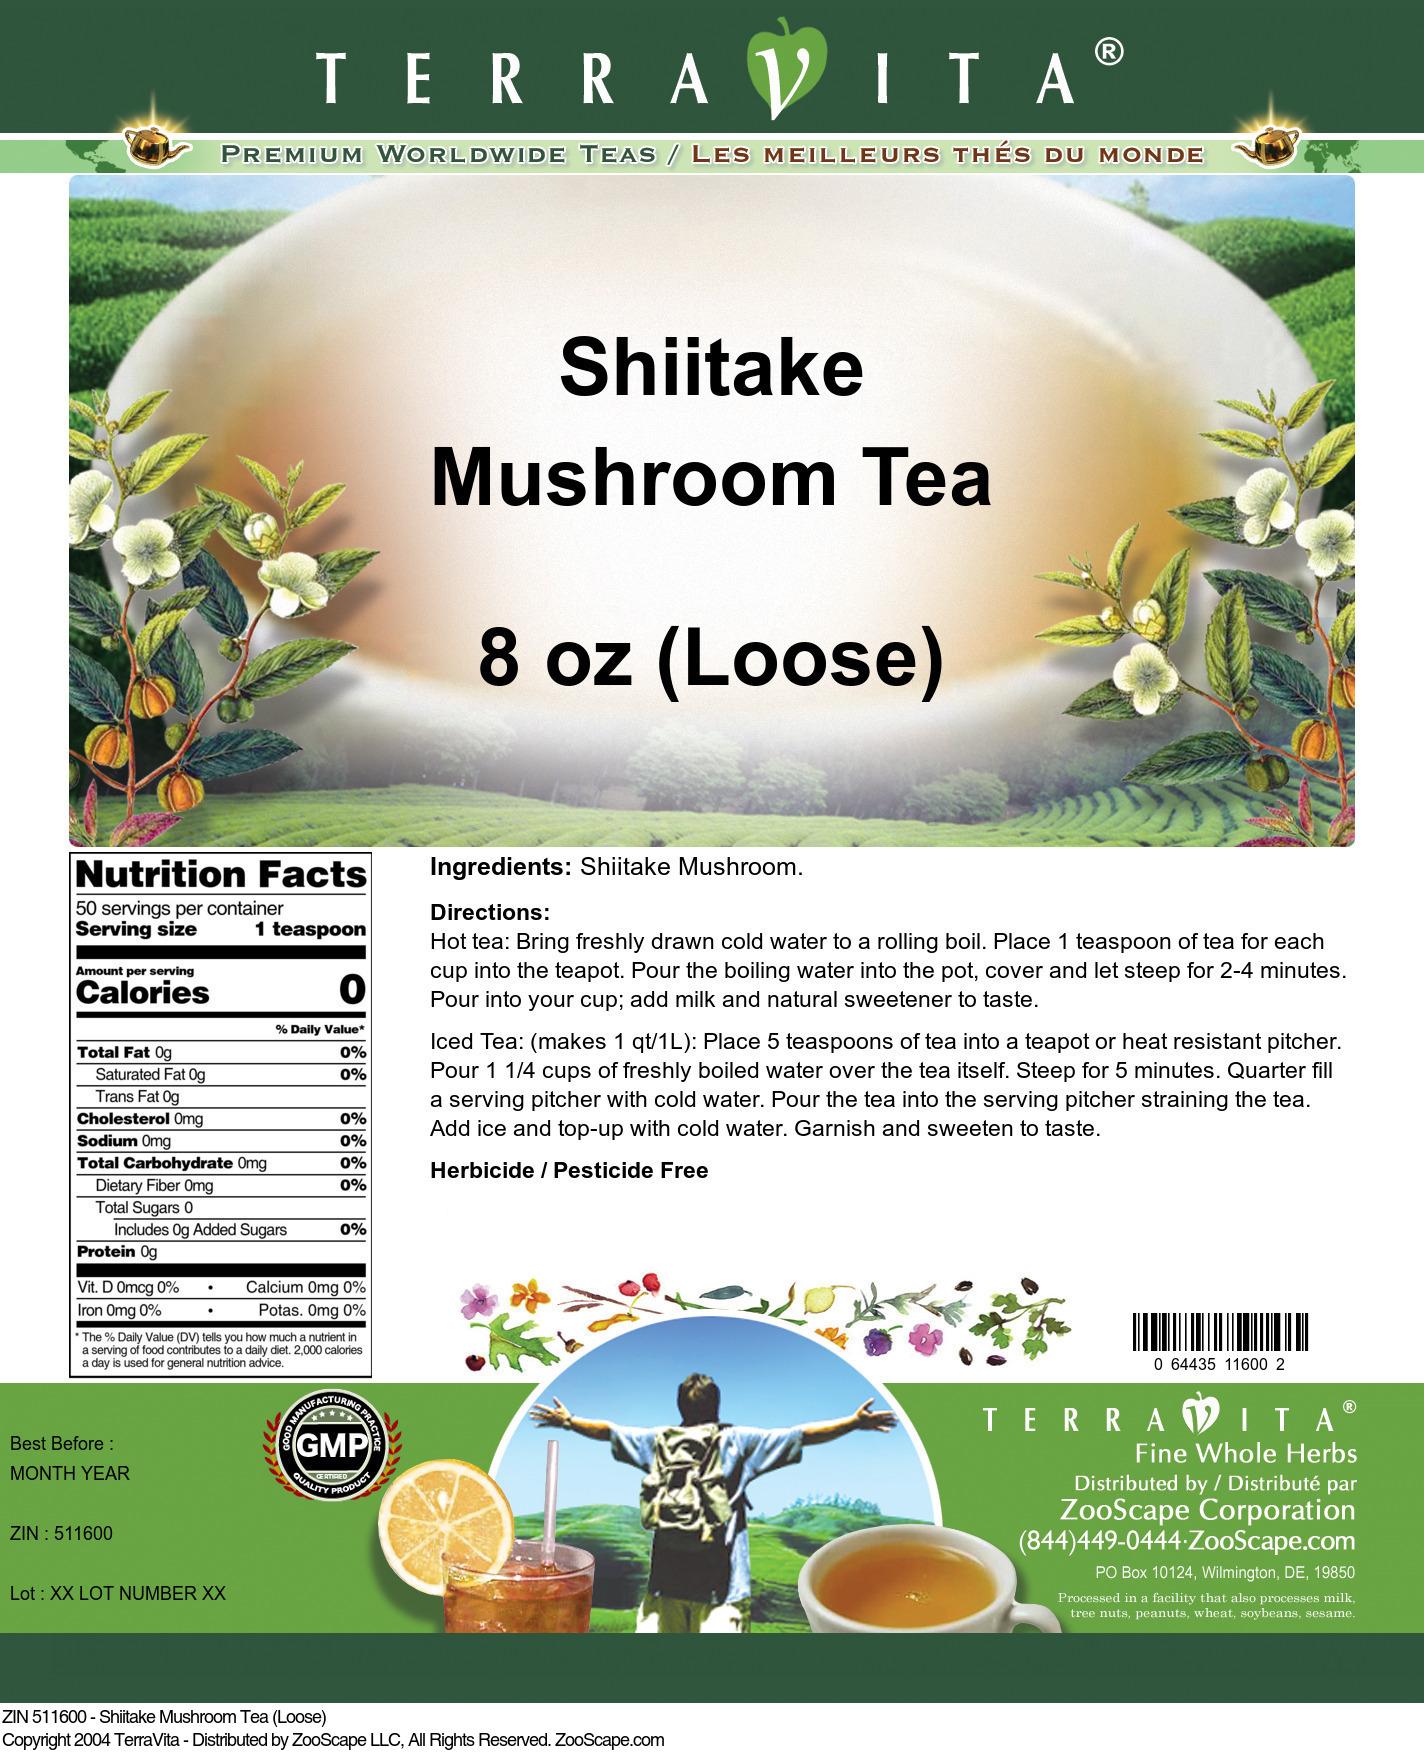 Shiitake Mushroom Tea (Loose)